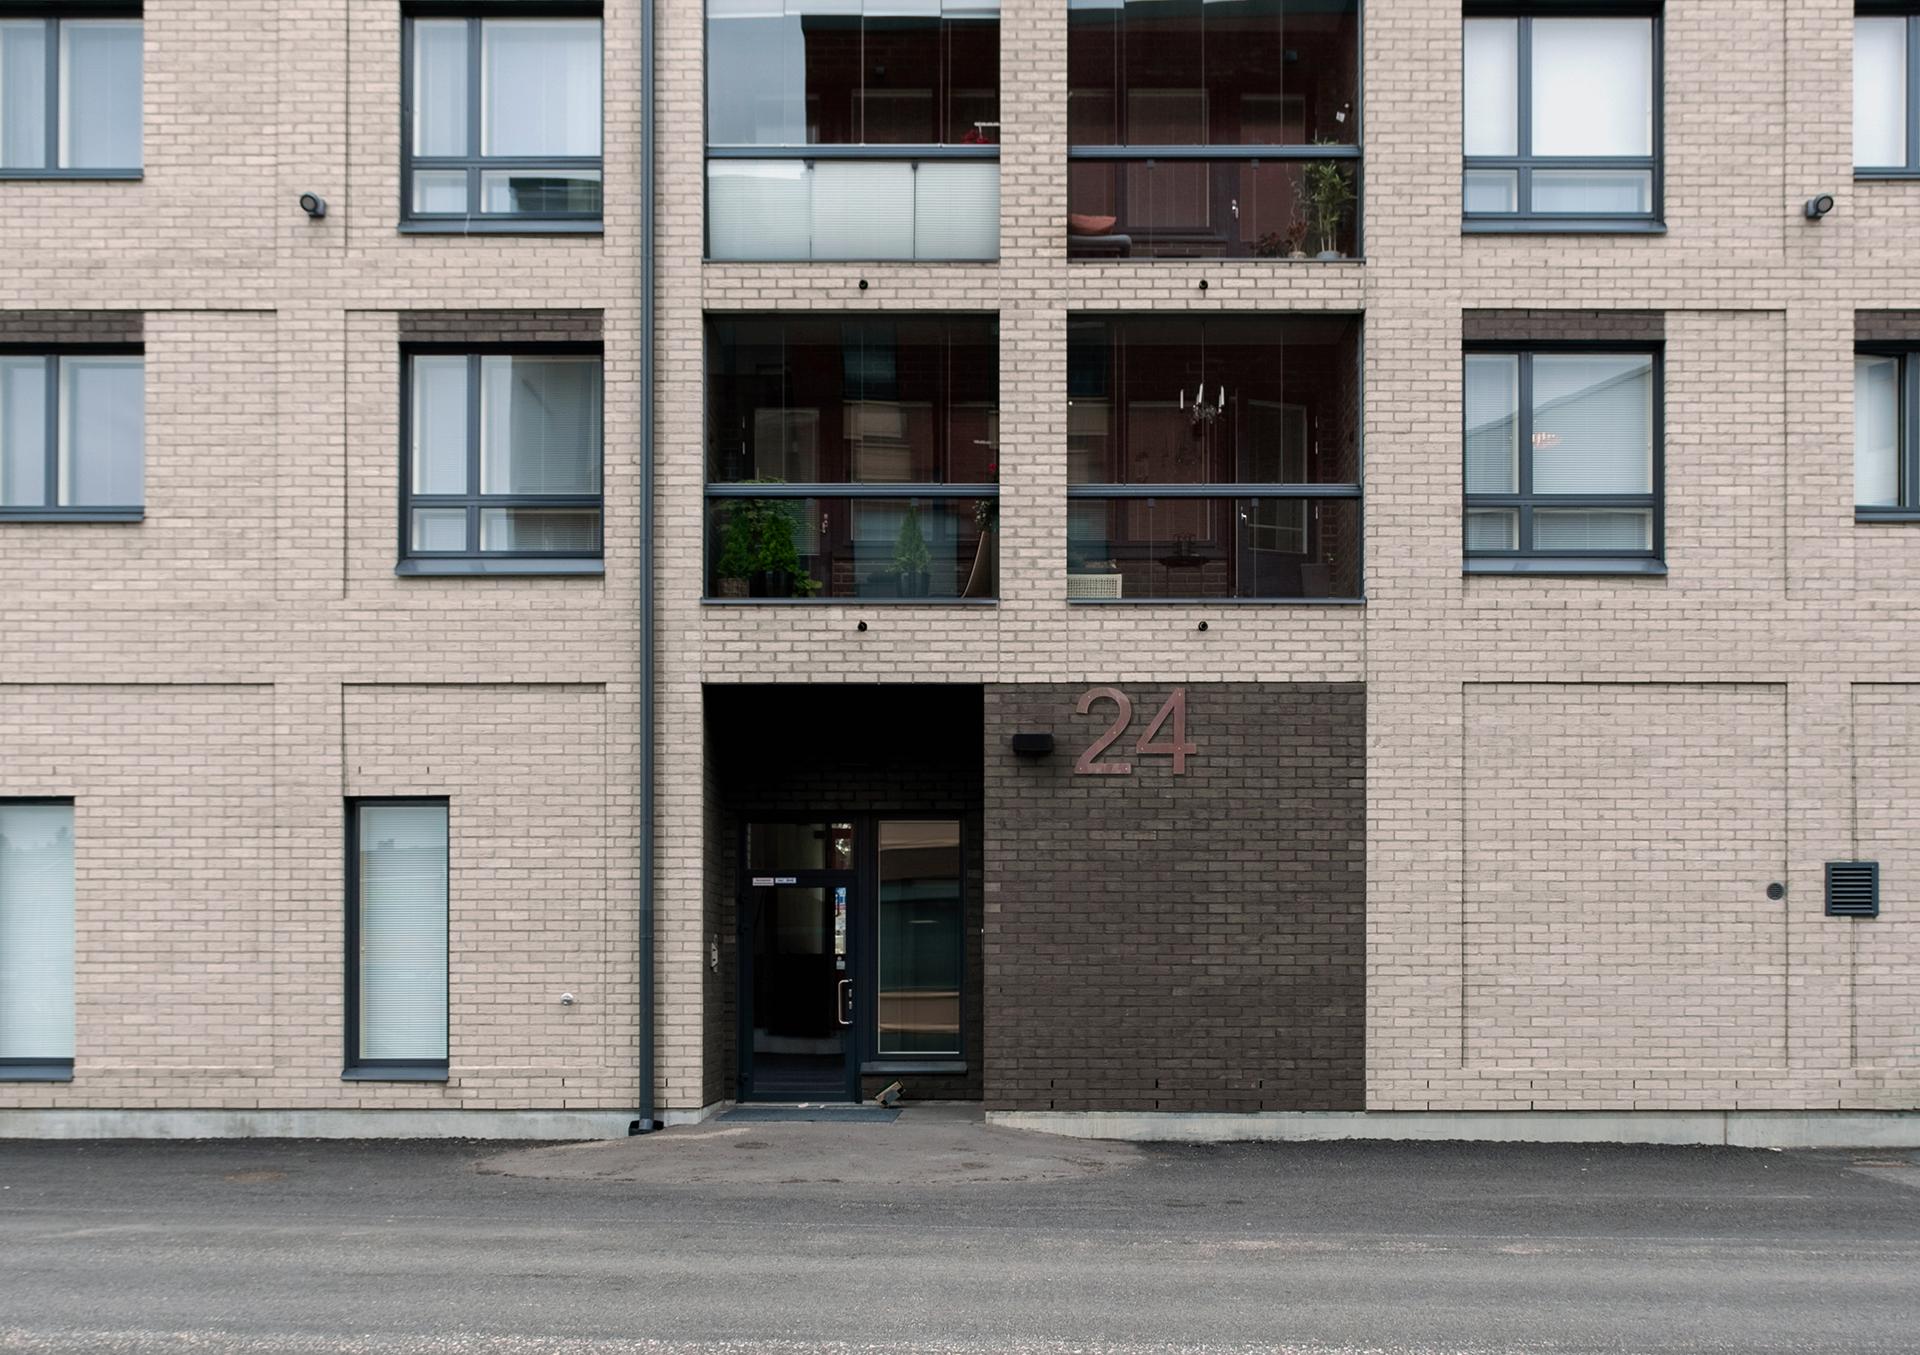 As Oy Jyväskylän Paperitehtaankatu 24 sisäänkäynti ja talon numero